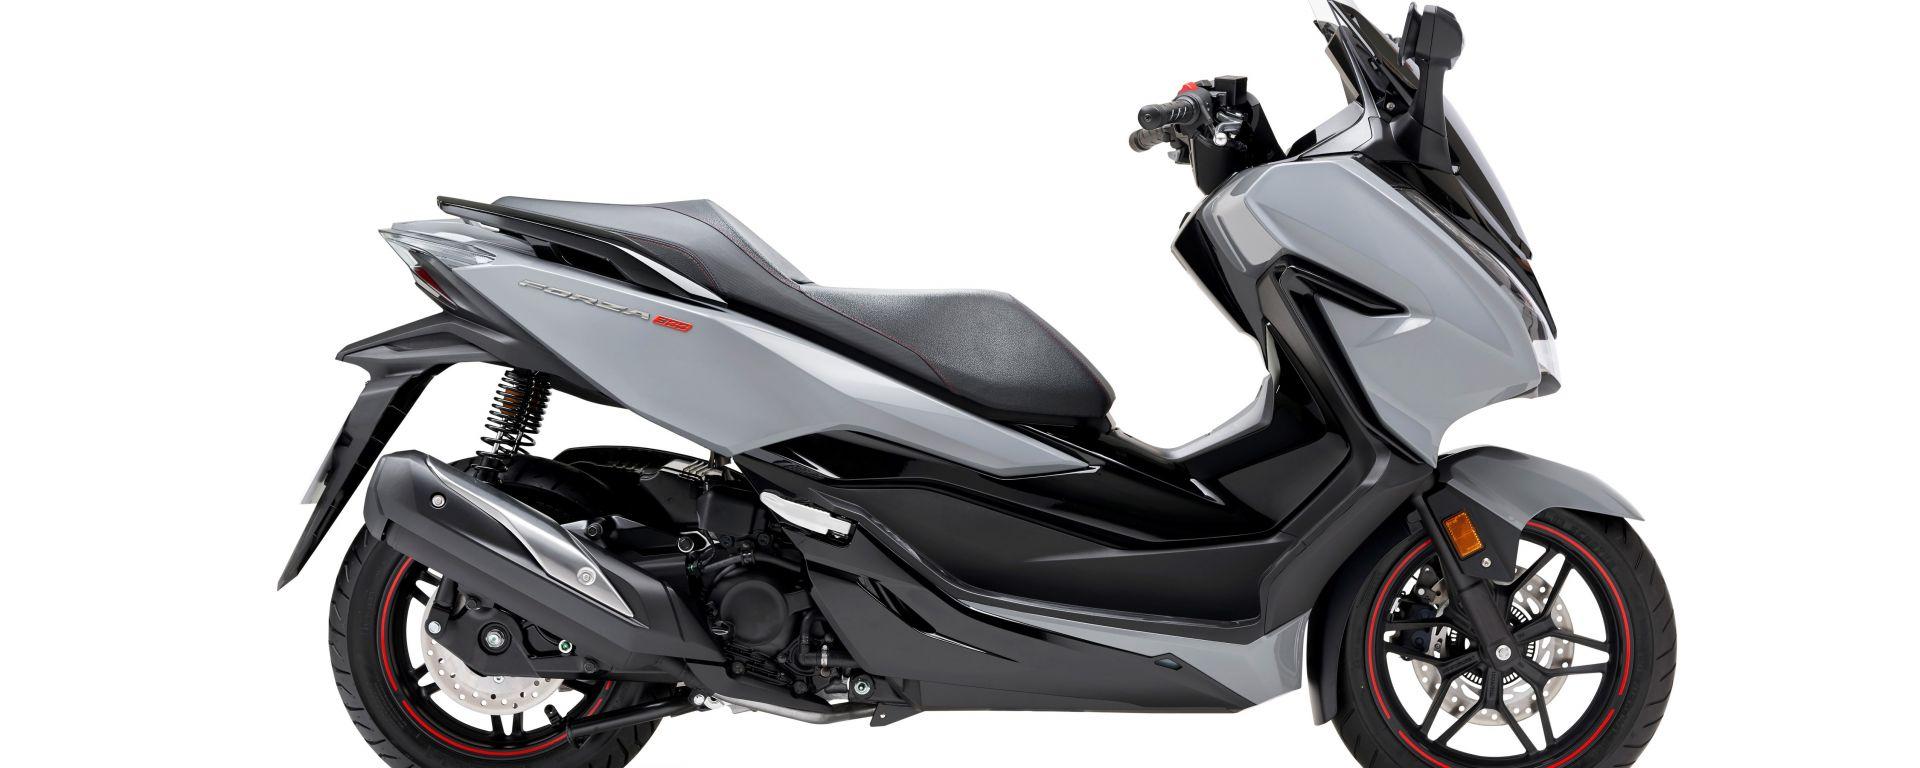 Honda Forza 300 Limited Edition: vista laterale destra